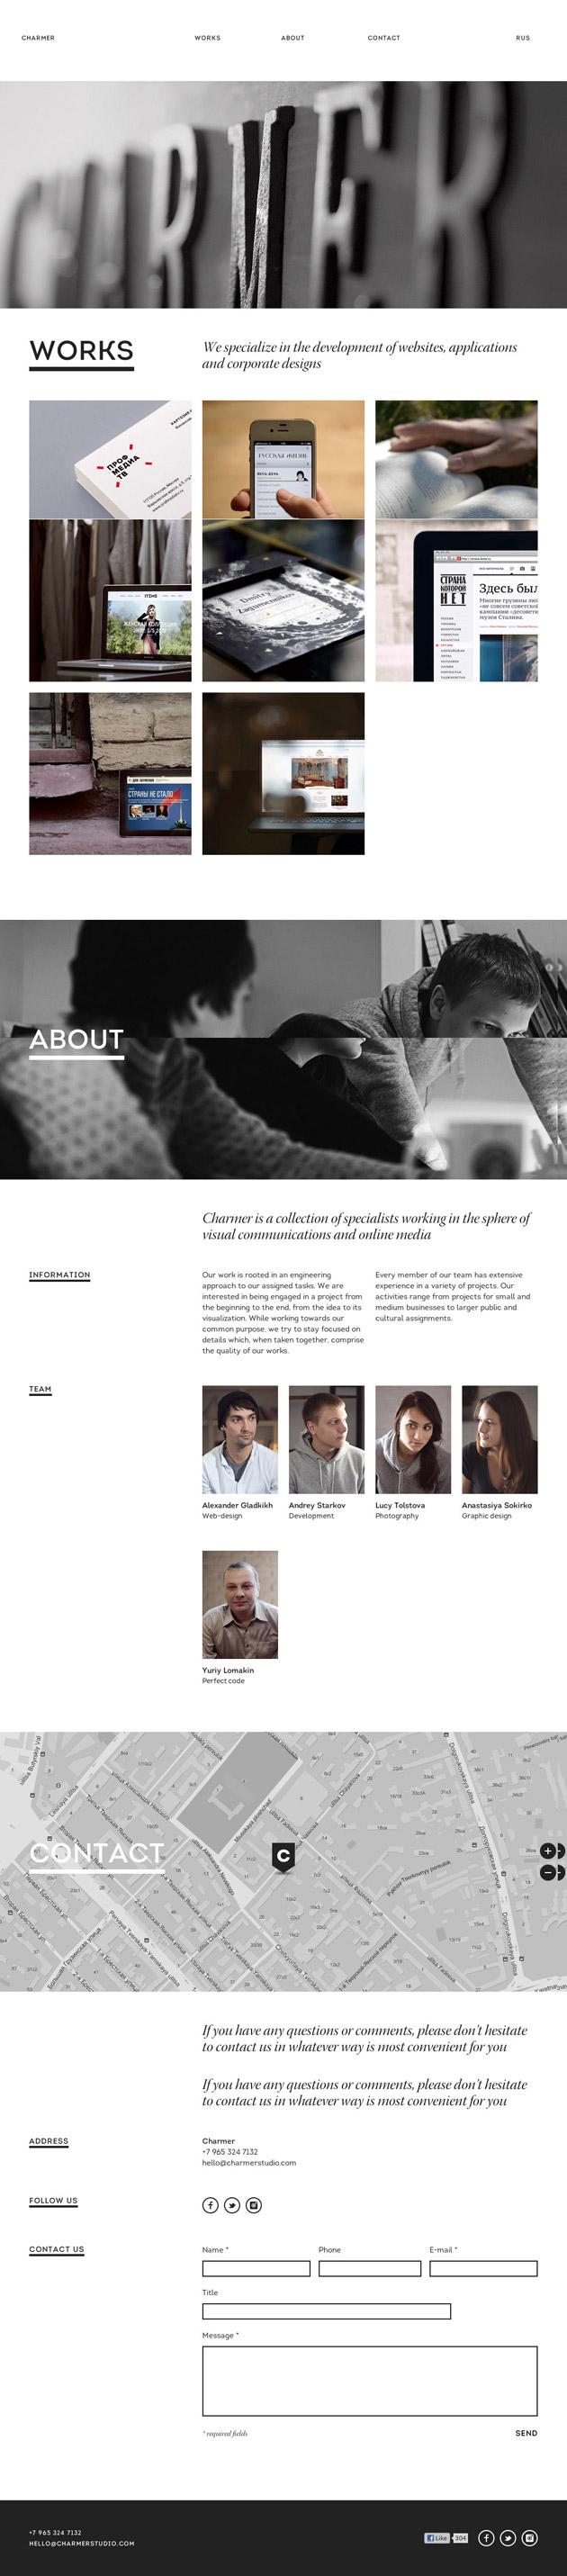 Charmer- Inspiración web design